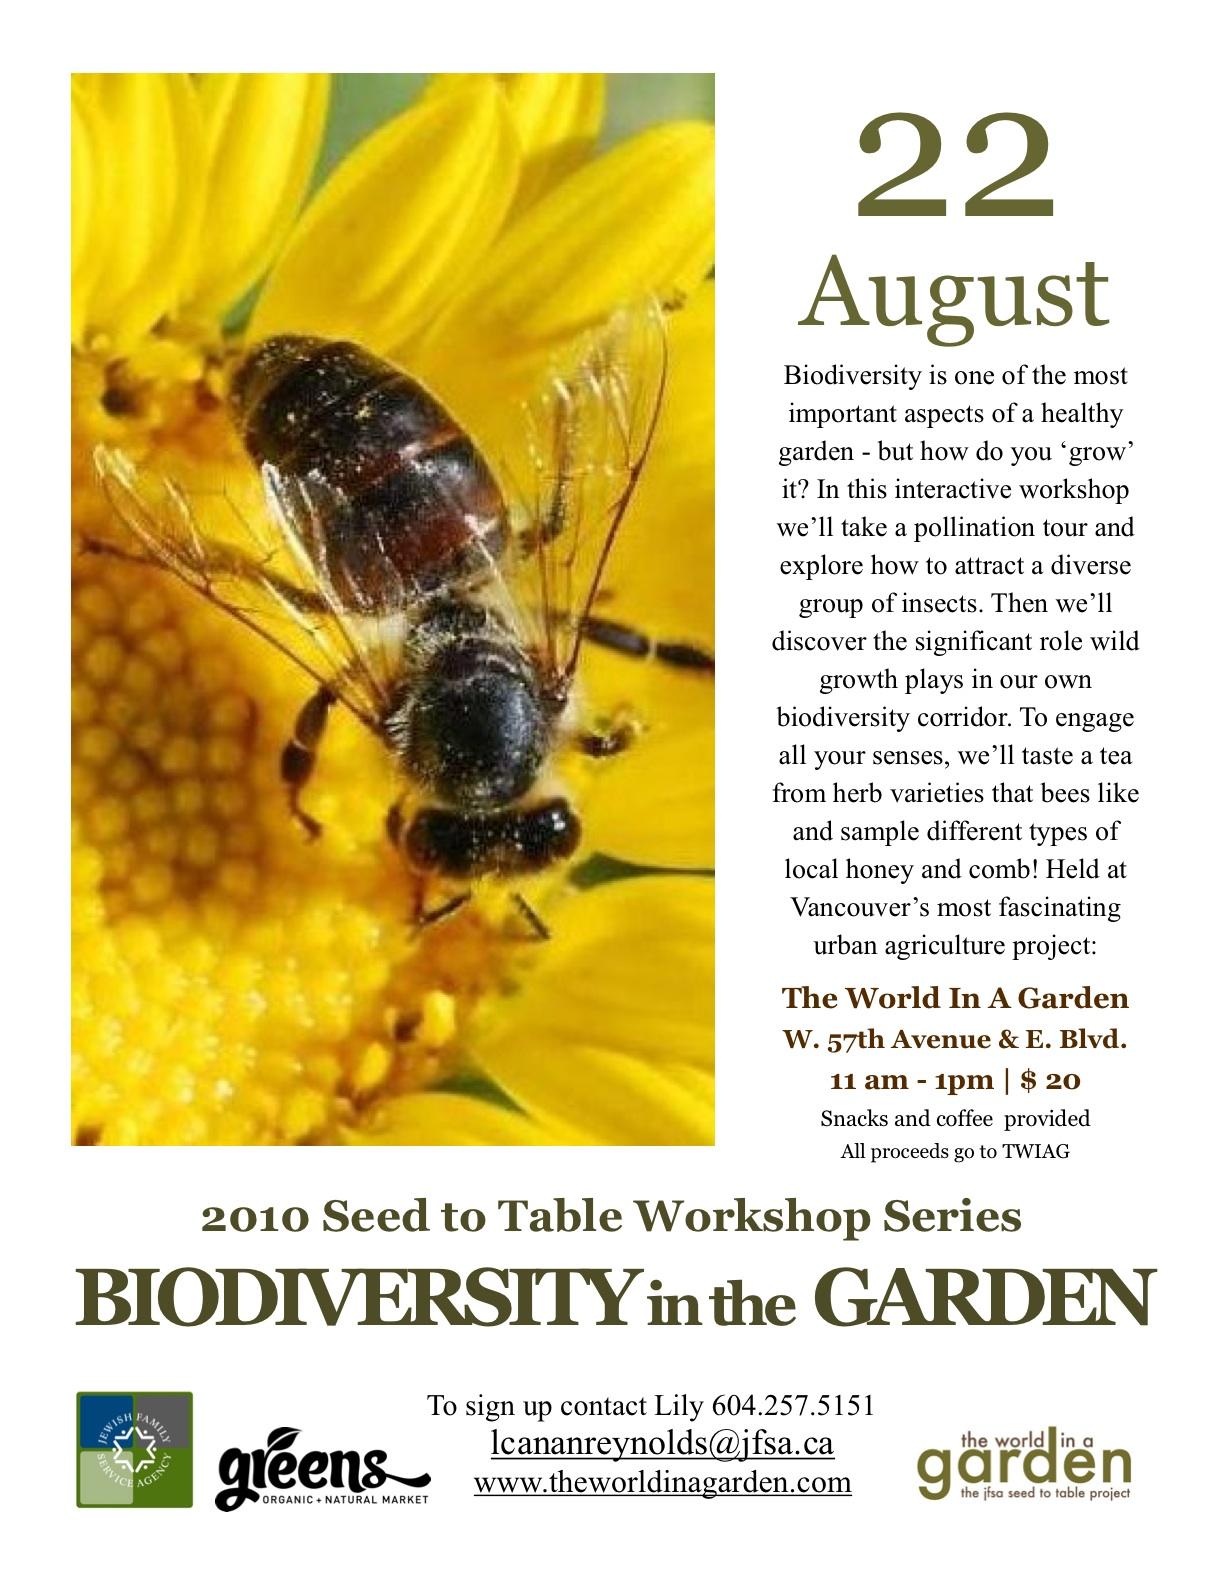 Biodiversity in the Garden Workshop